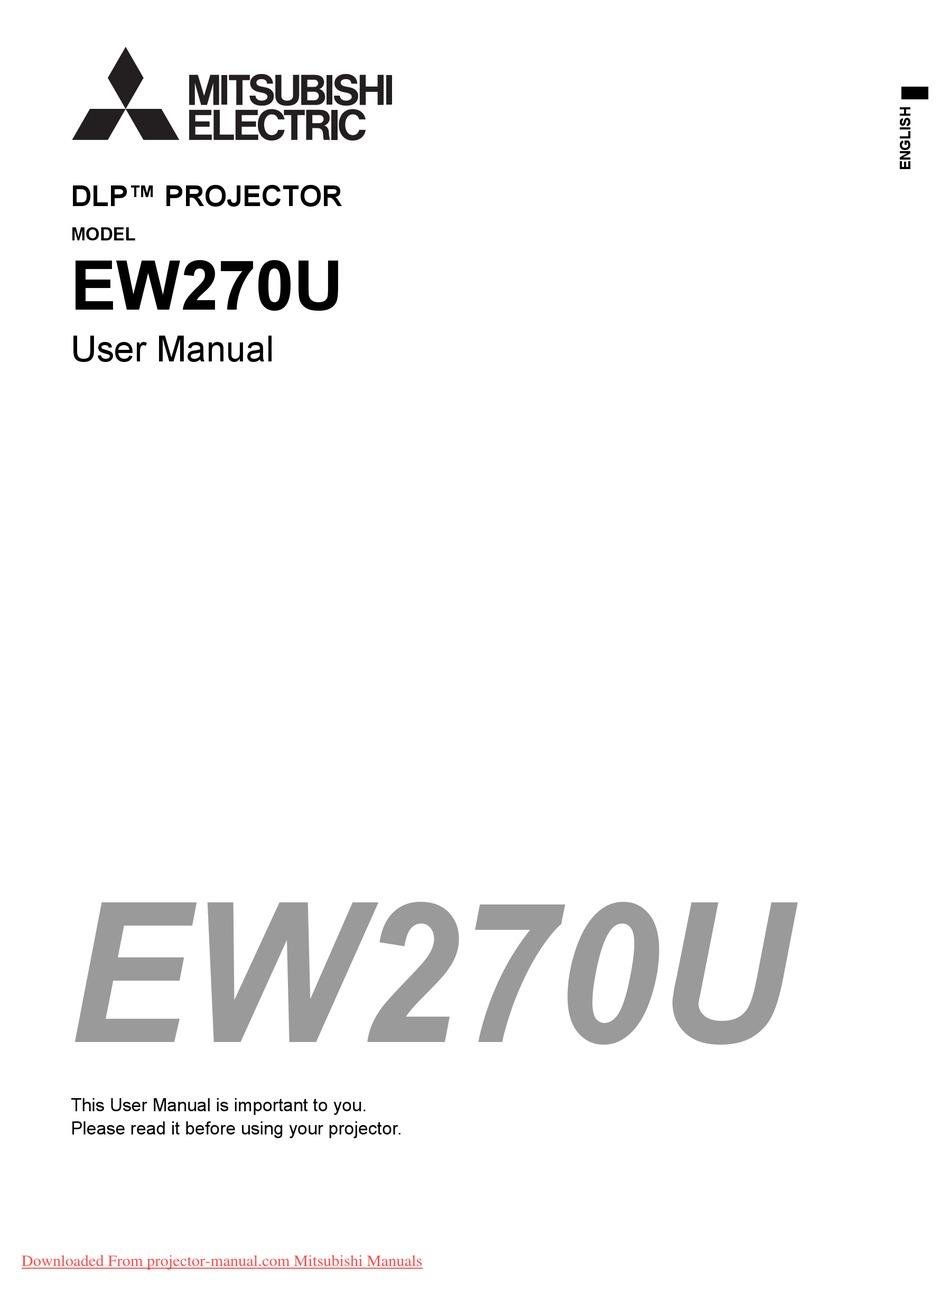 MITSUBISHI ELECTRIC EW270U USER MANUAL Pdf Download